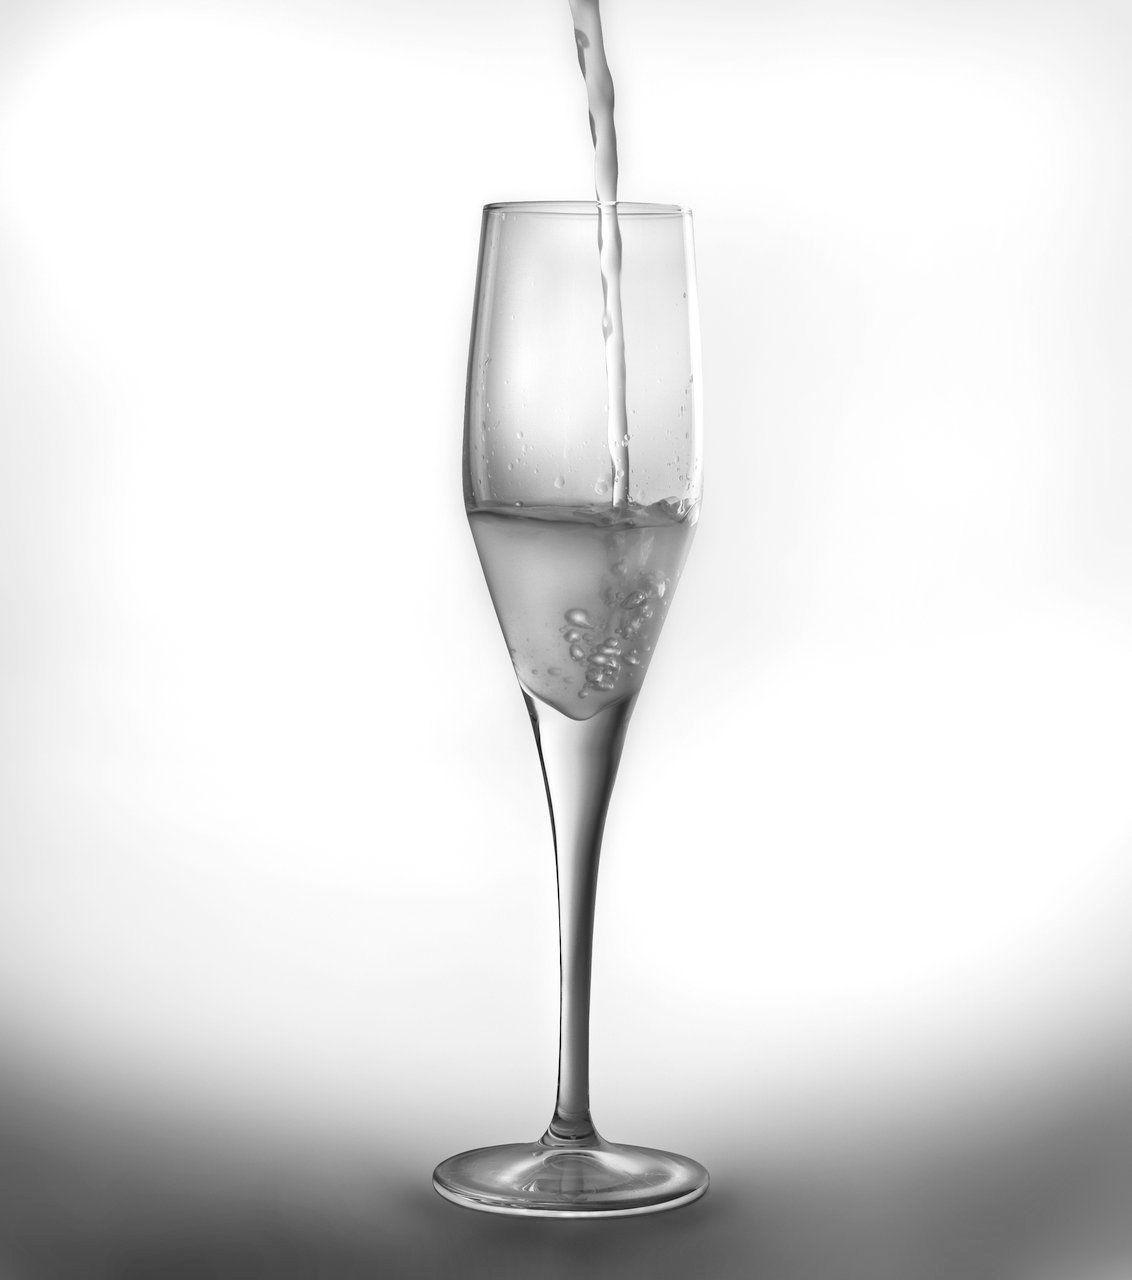 Набор бокалов для шампанского BergHOFF Casa, 215 мл, 6 шт2800000Набор BergHOFF Casa состоит из шести бокалов для шампанского, выполненных из стекла. Изделия оснащены ножками. Бокалы сочетают в себе элегантный дизайн и функциональность. Благодаря такому набору пить напитки будет еще вкуснее.